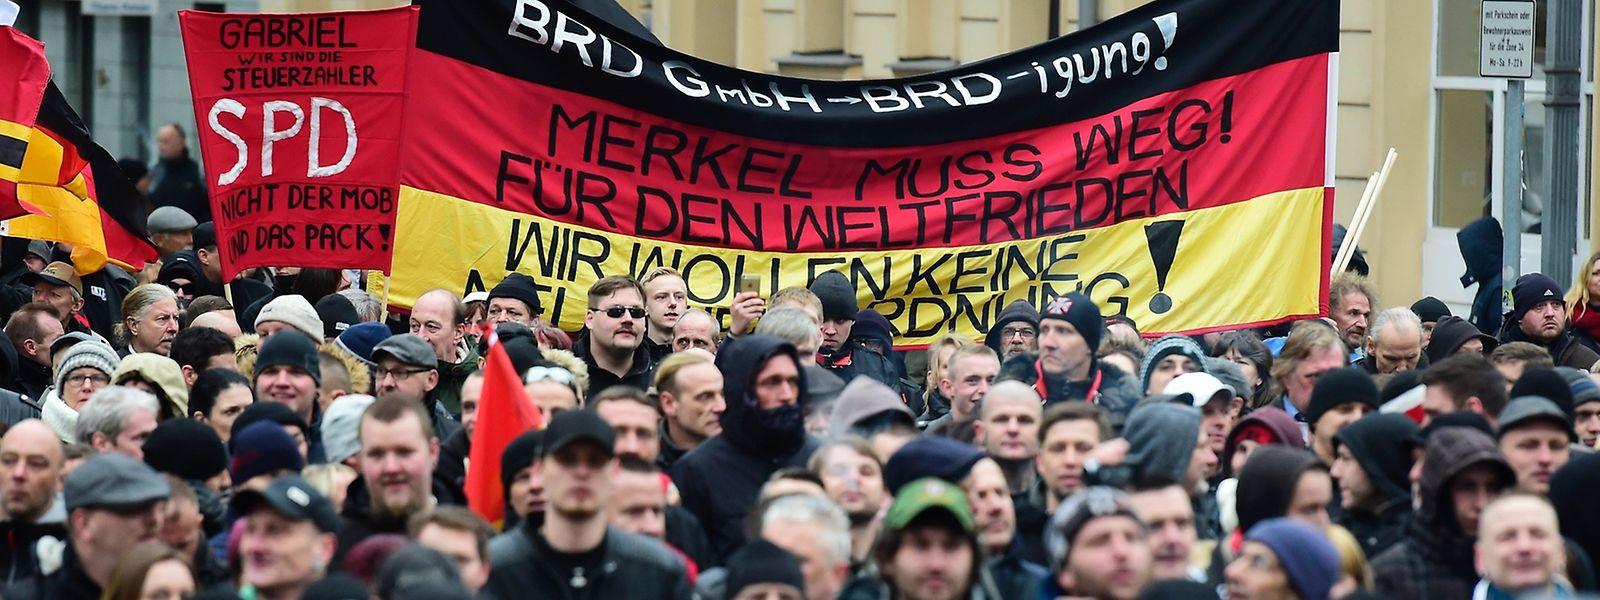 Bei einer Demo am Samstag machten Rechtsextremein Berlin erneut ihrem Ärger über die Flüchtlingspolitik der Bundeskanzlerin Luft.